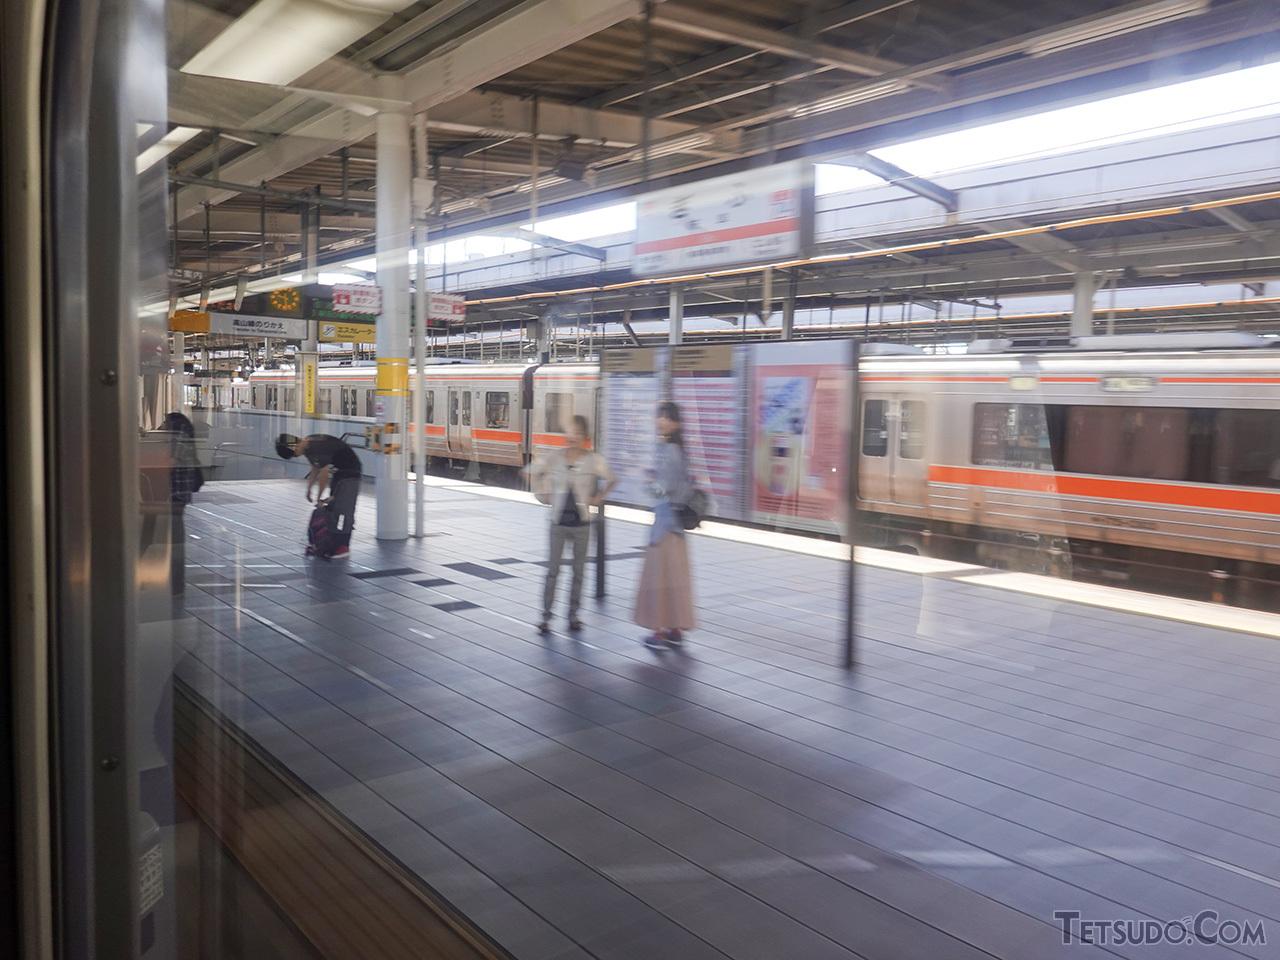 一般型ディーゼルカーなのに岐阜駅を時速70kmで通過! なんとなくワクワクする瞬間です